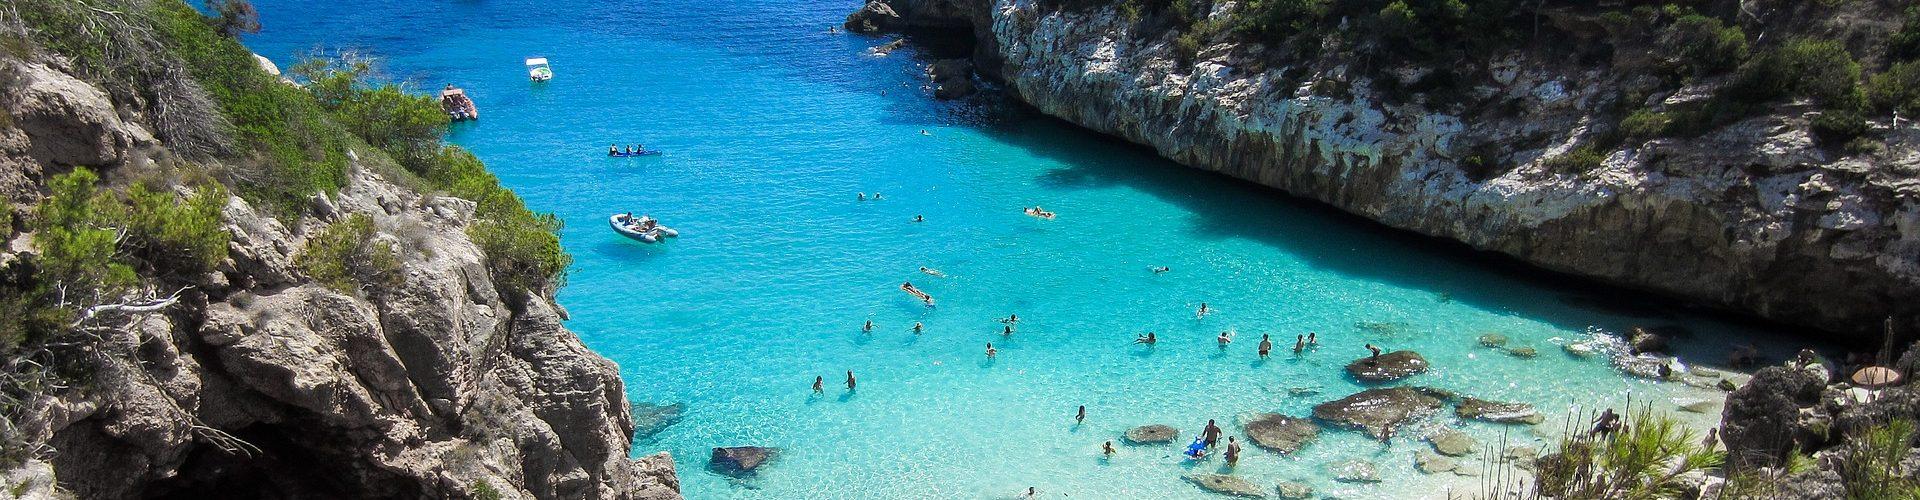 Mallorca Reise Lastminute 5 Sterne Hotel